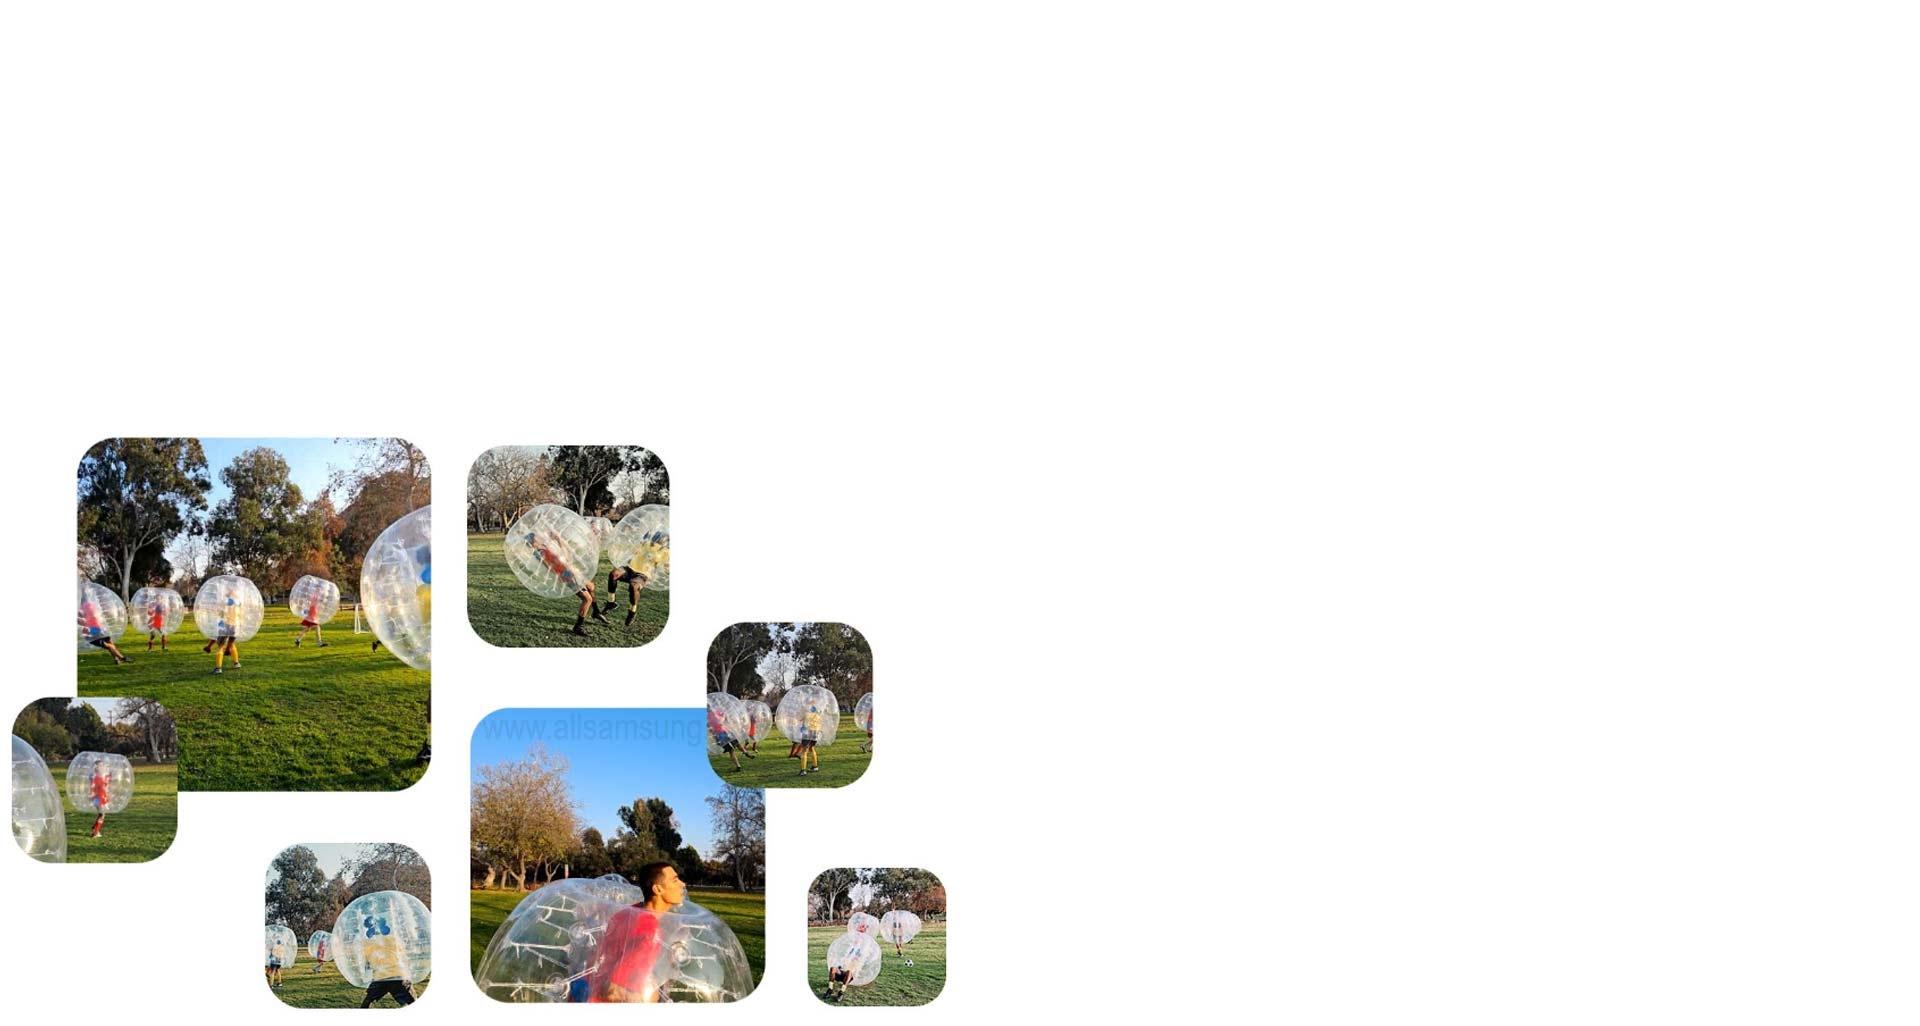 روشی کاملاً جدید برای گرفتن یک عکس و داشتن چند فرمت مختلف توسط گلکسی s20 اولترا